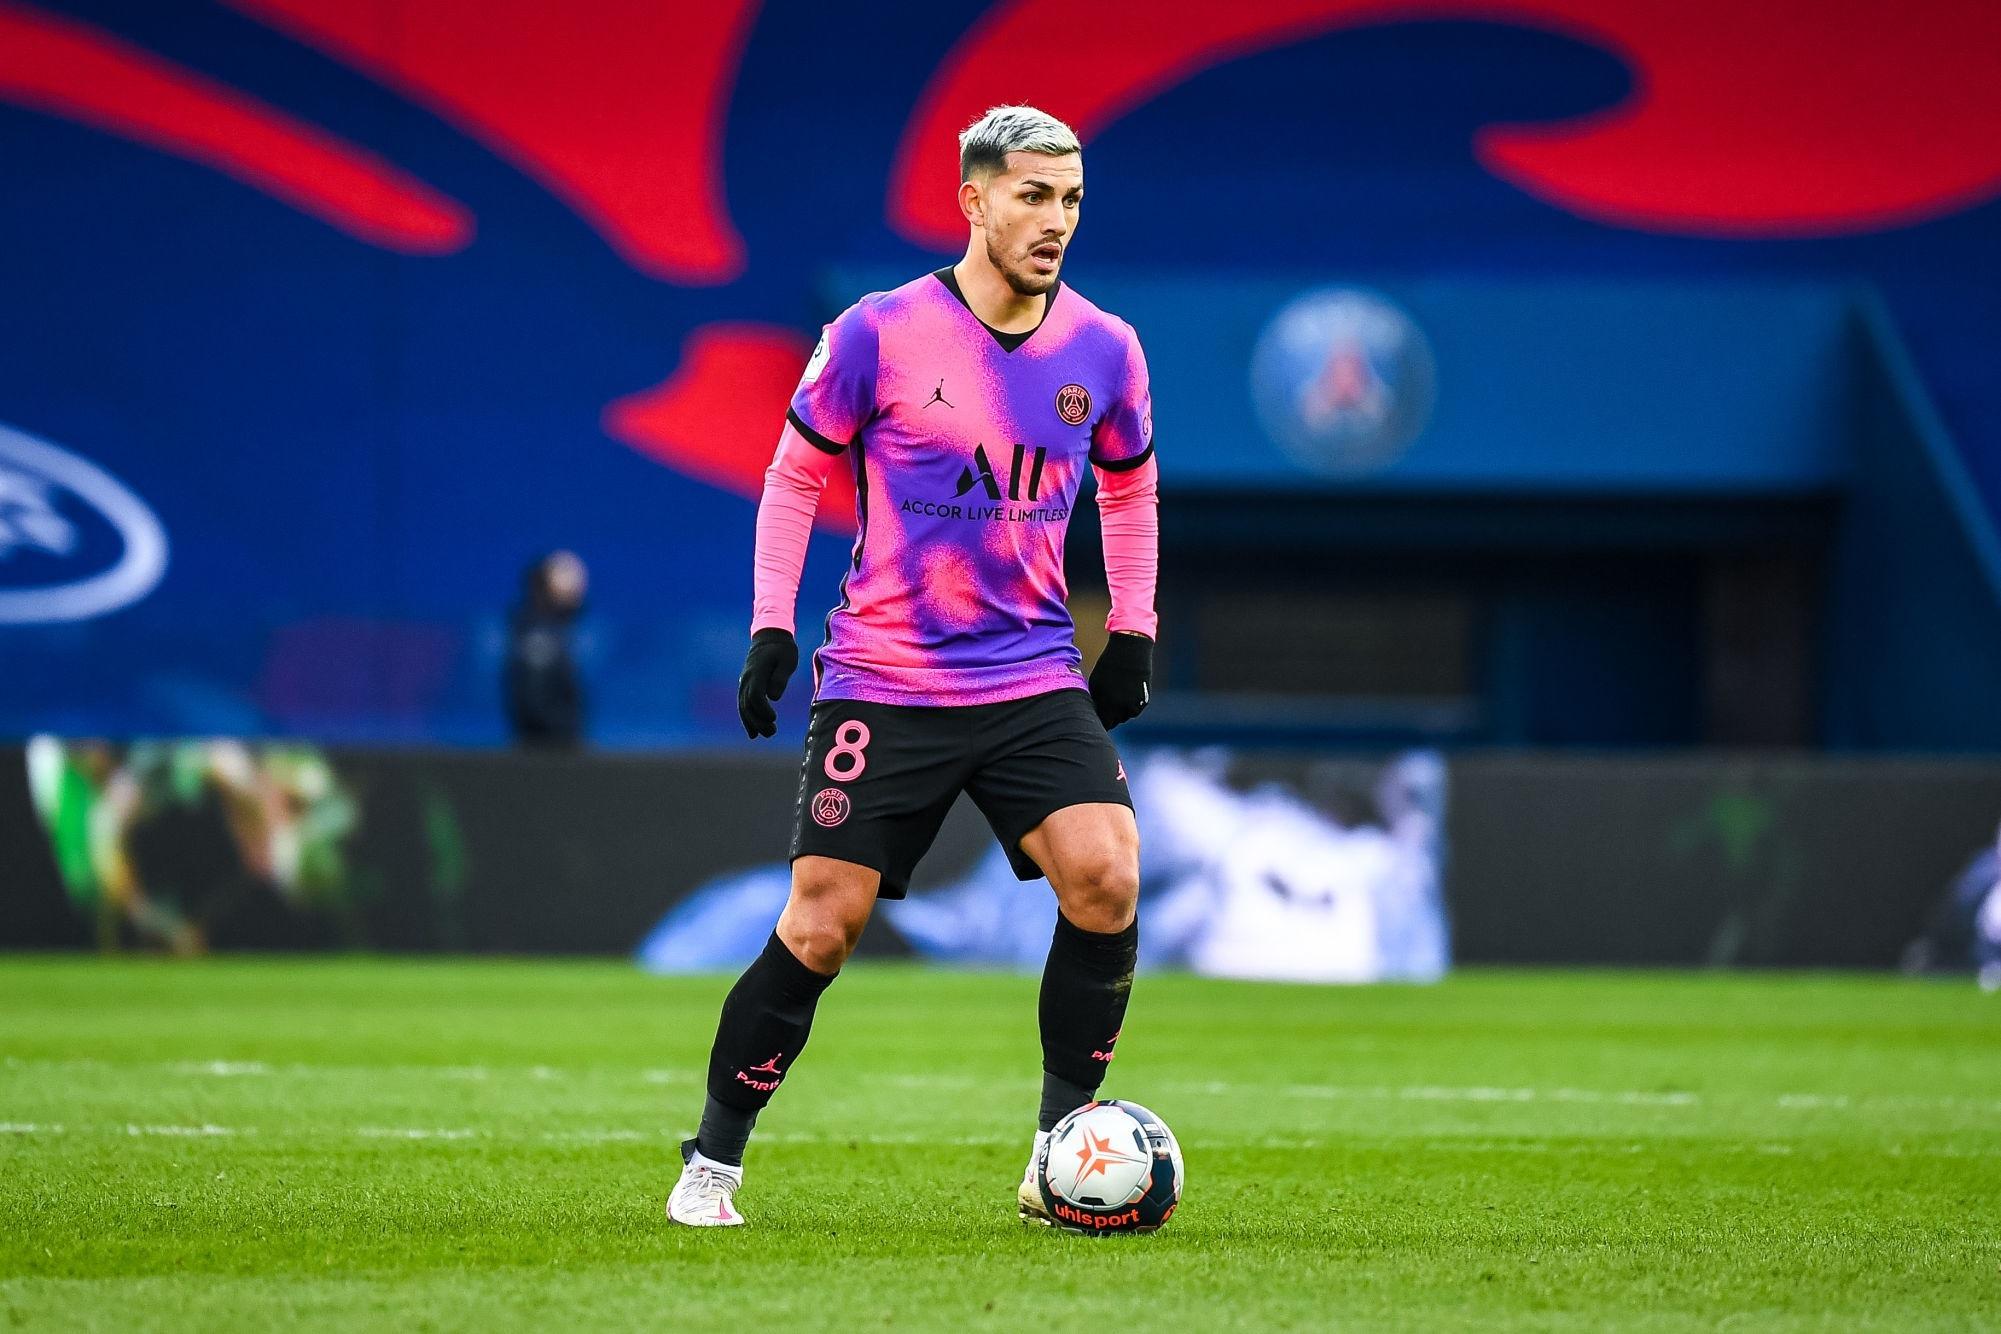 """PSG/Nice - Paredes assure """"la victoire c'est le plus important"""" et évoque le Barça"""